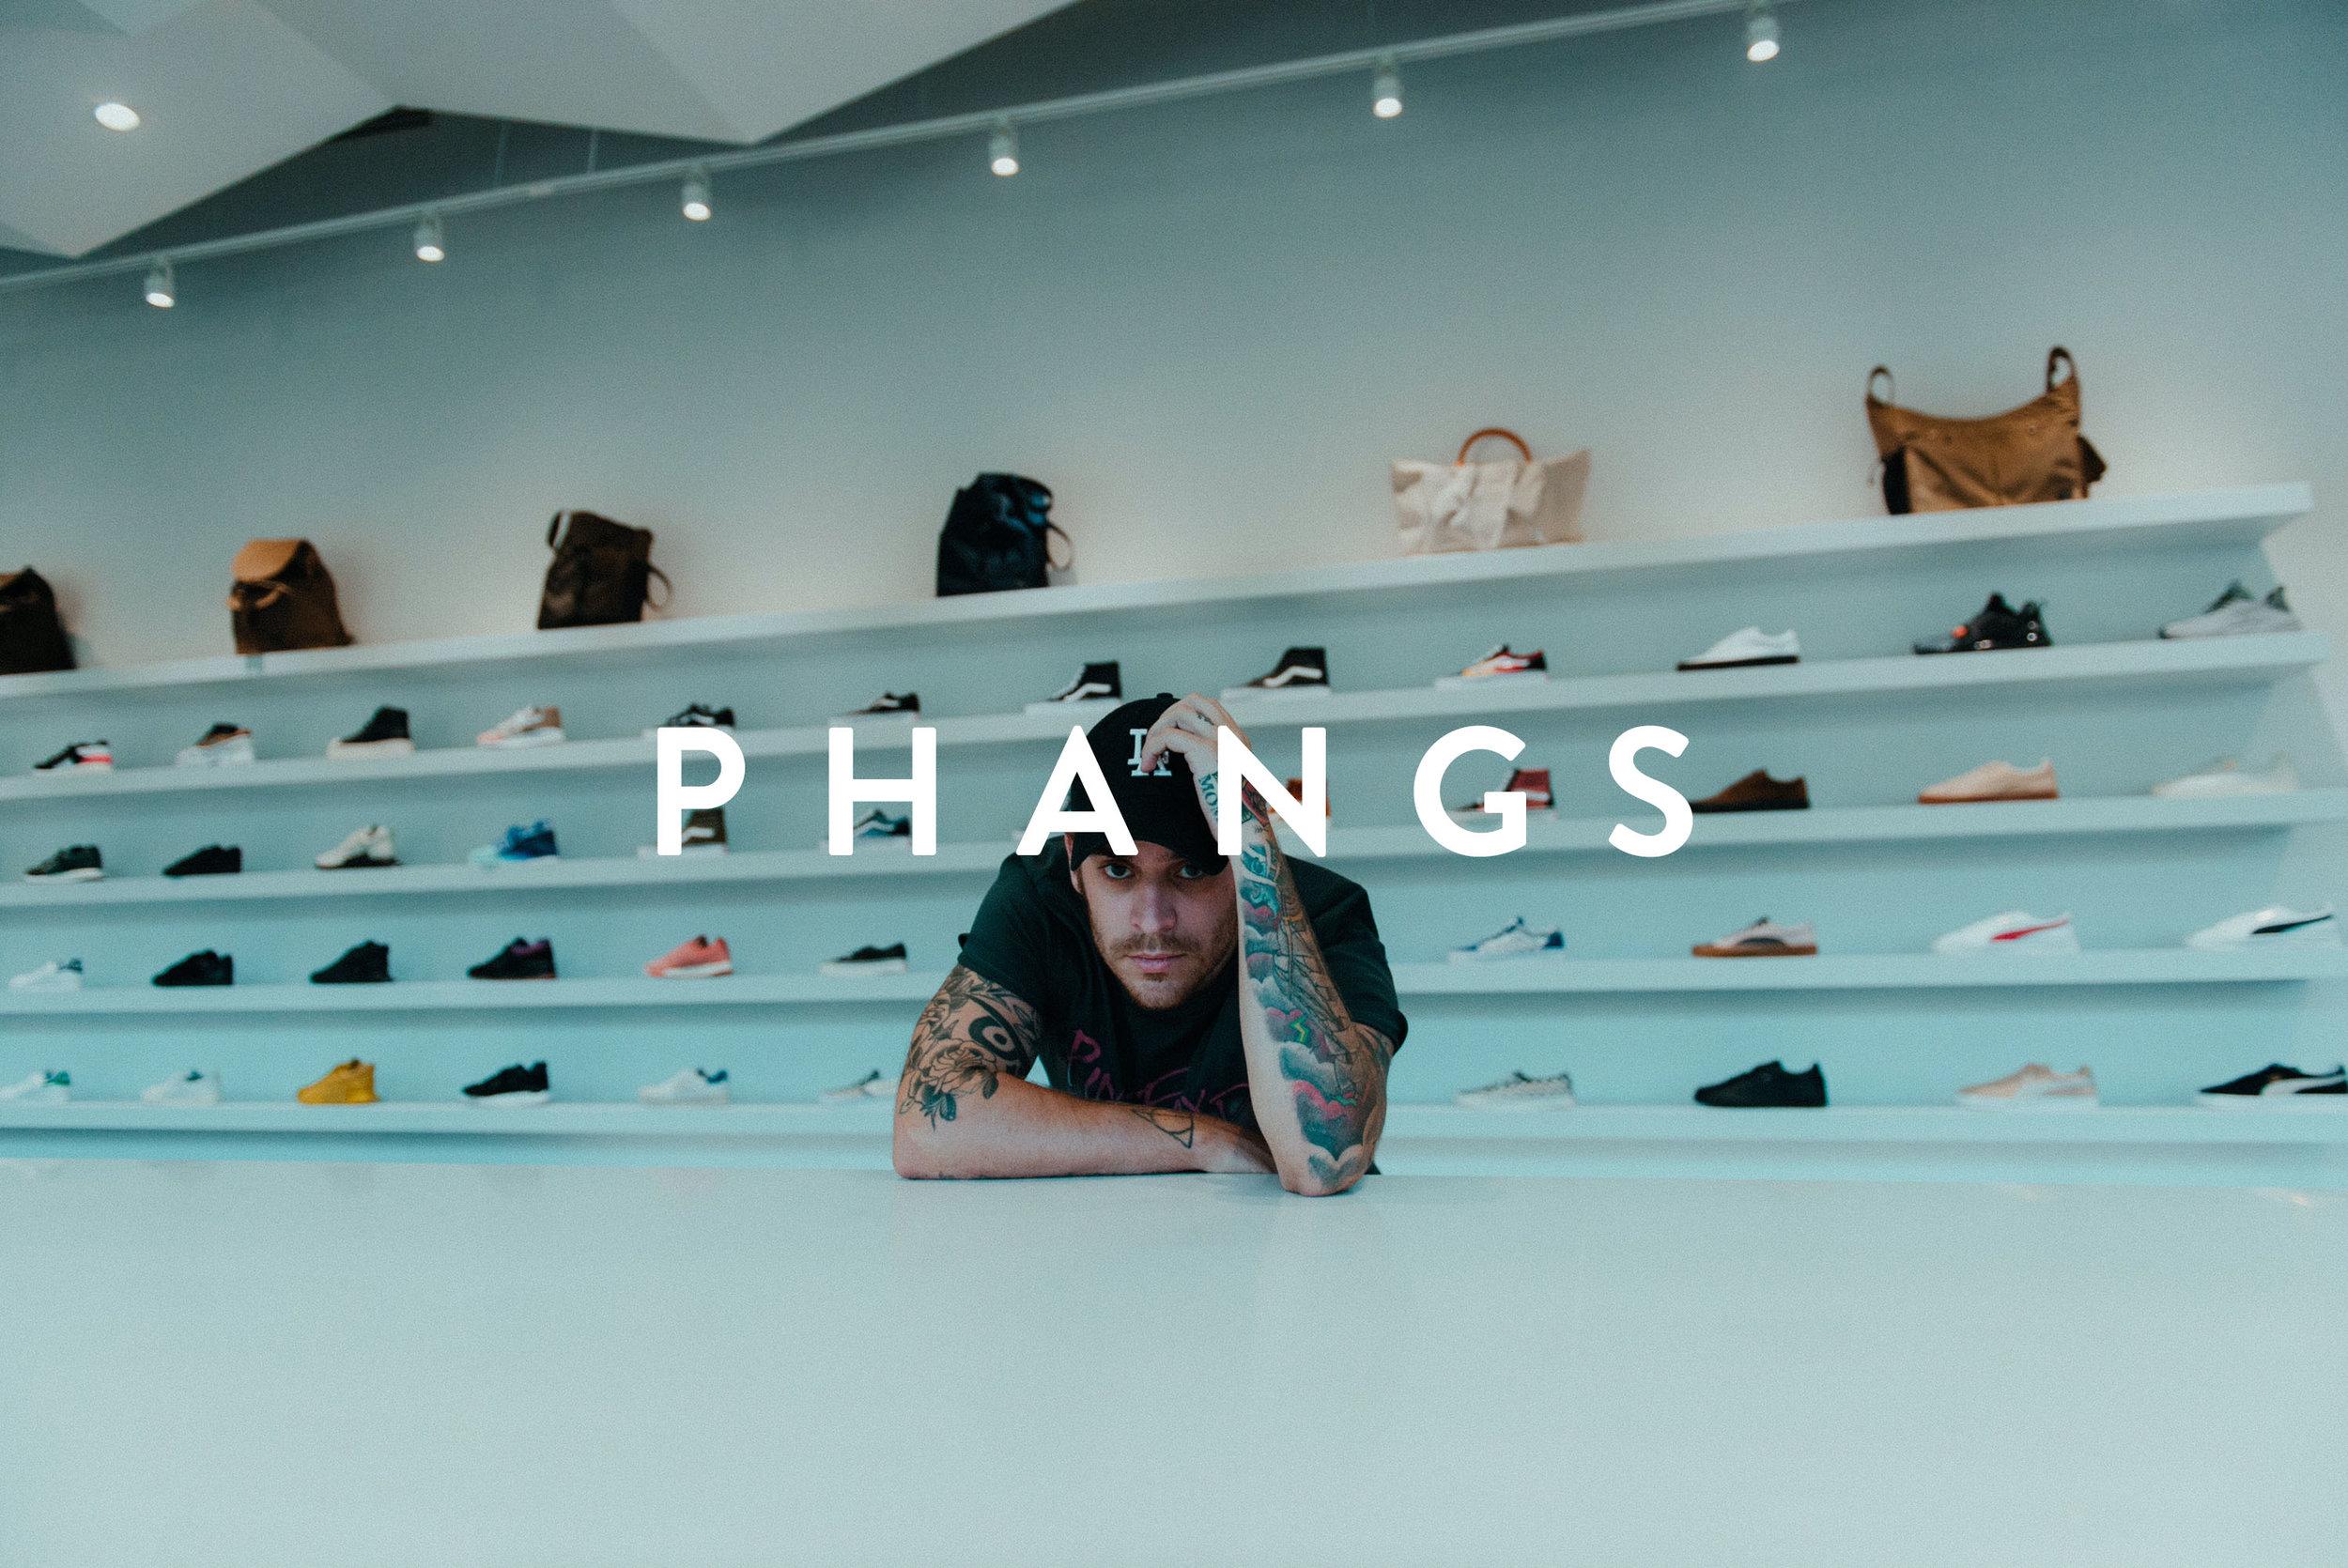 phangs word.jpg